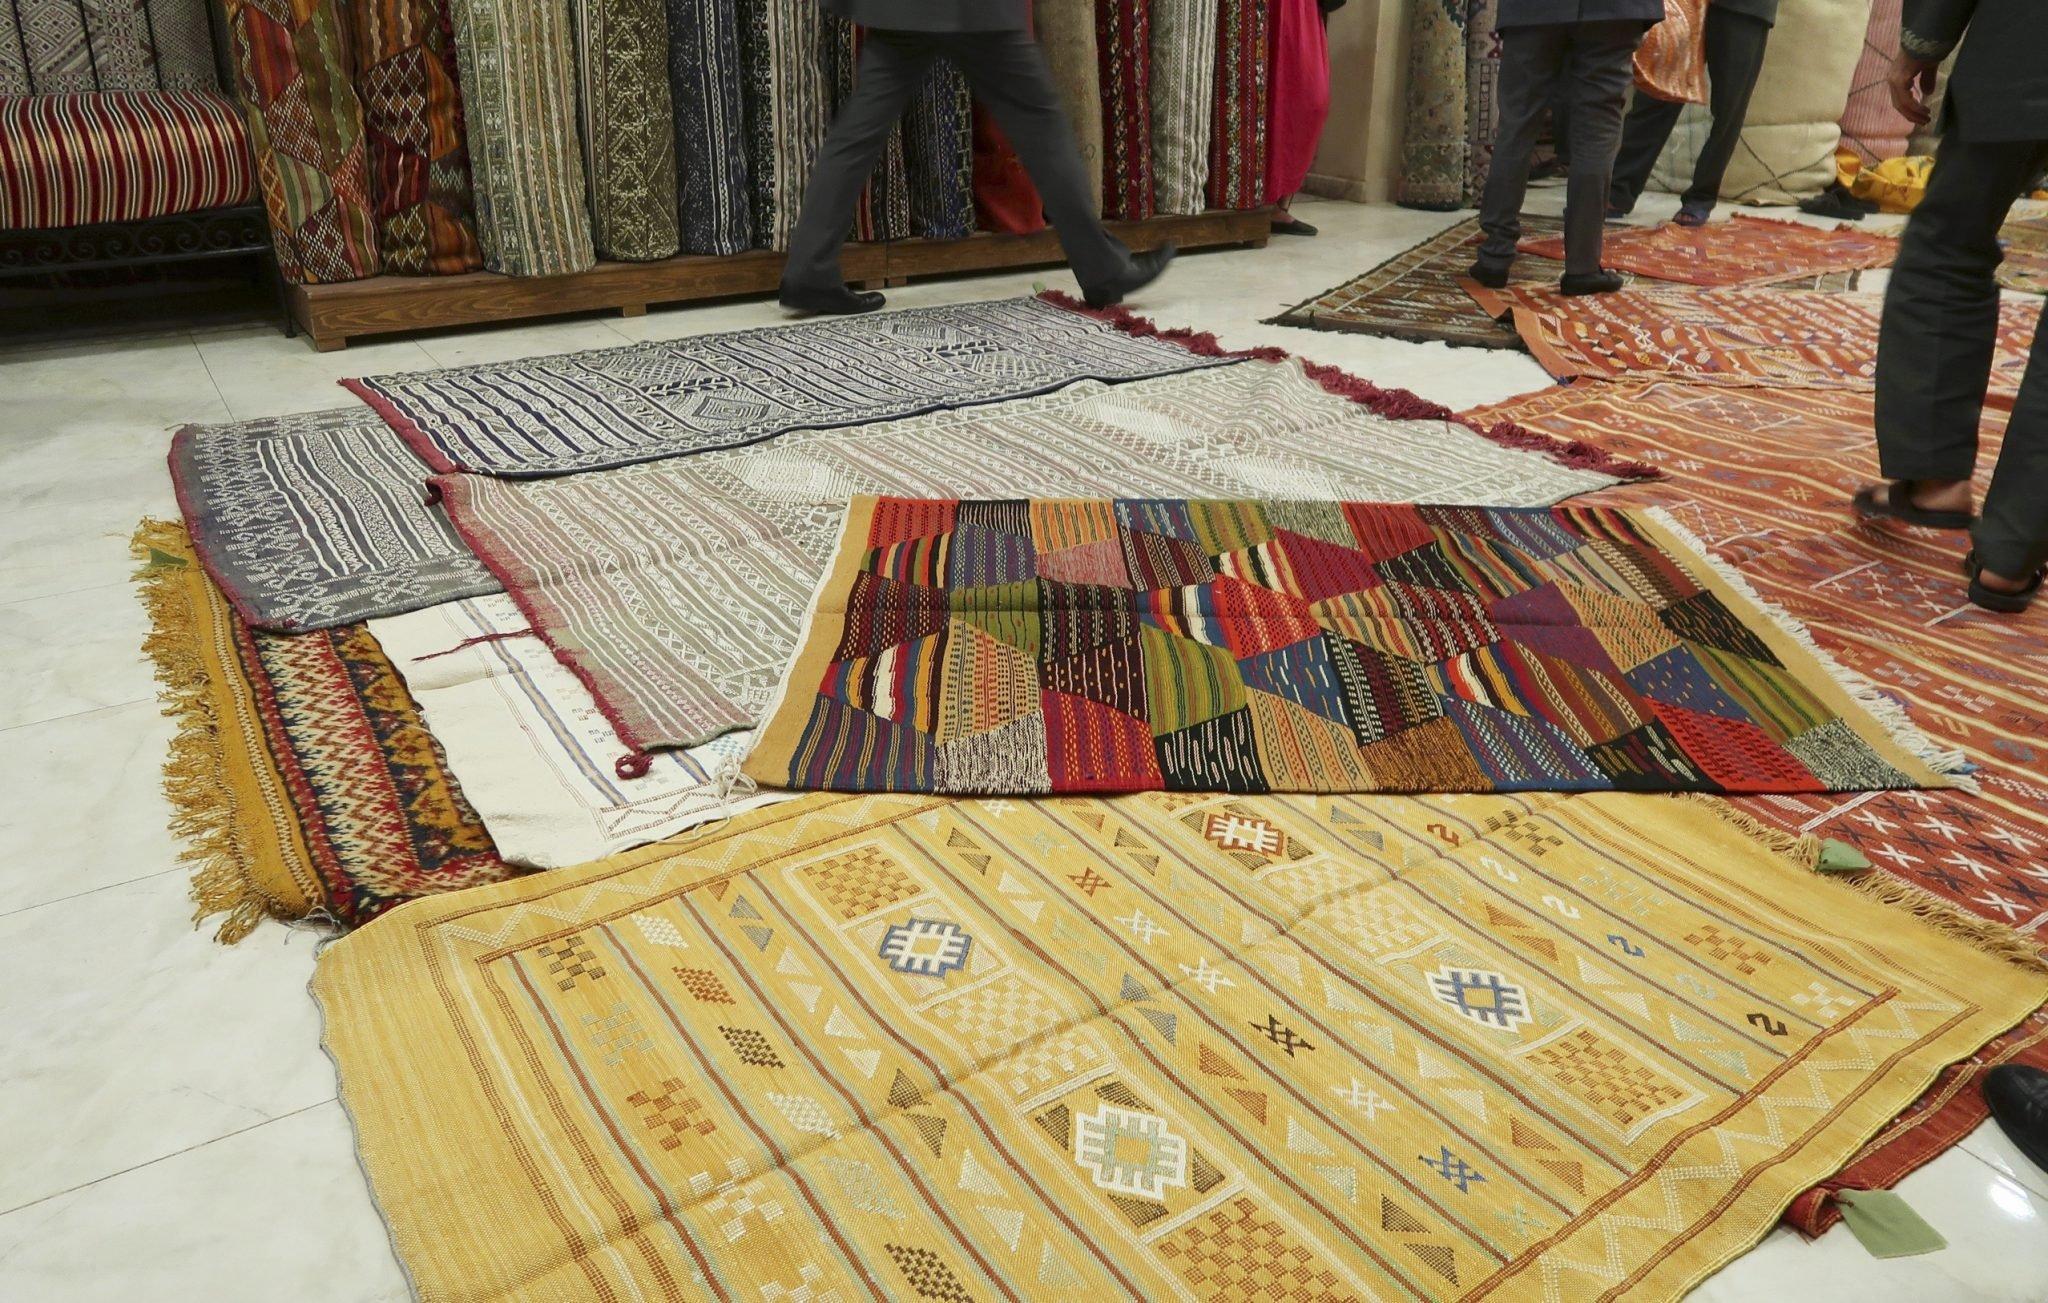 Marrakech matot